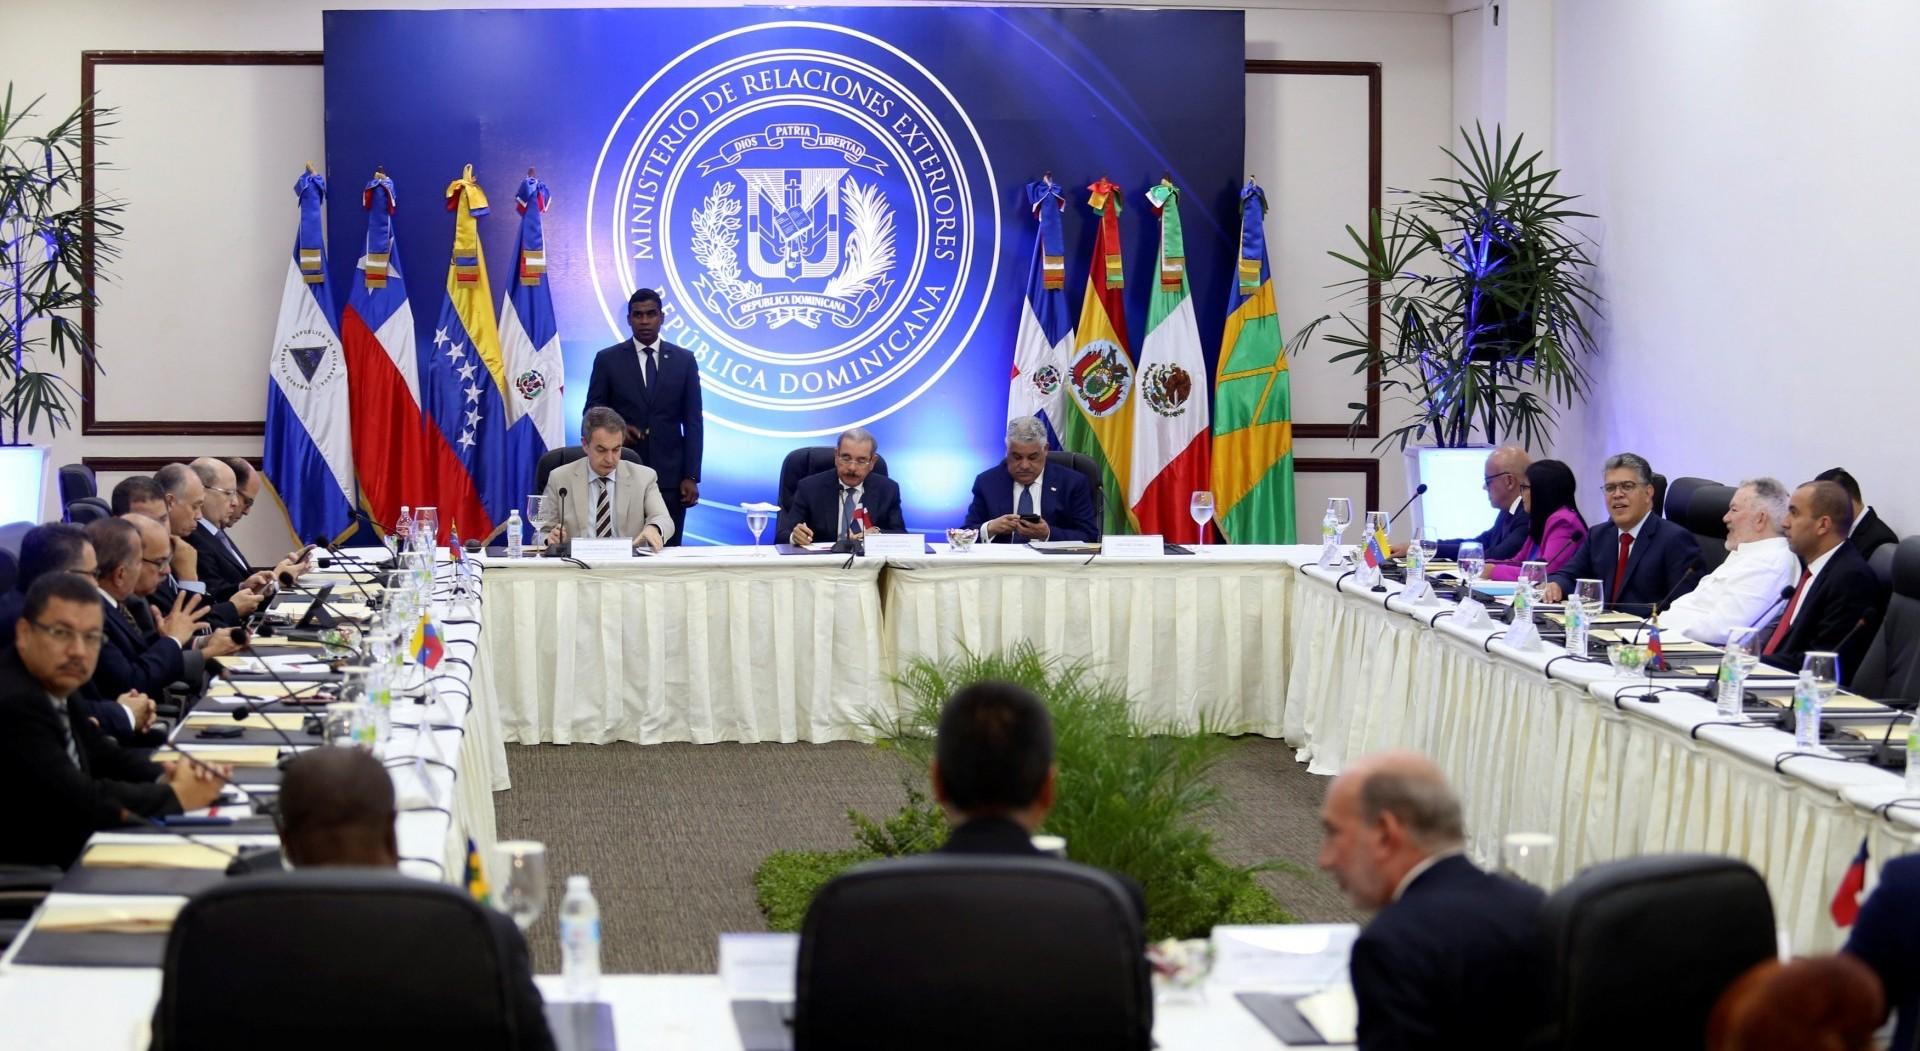 La mesa de diálogo entre el régimen venezolano y la oposición en Santo Domingo se suspendió (Reuters)